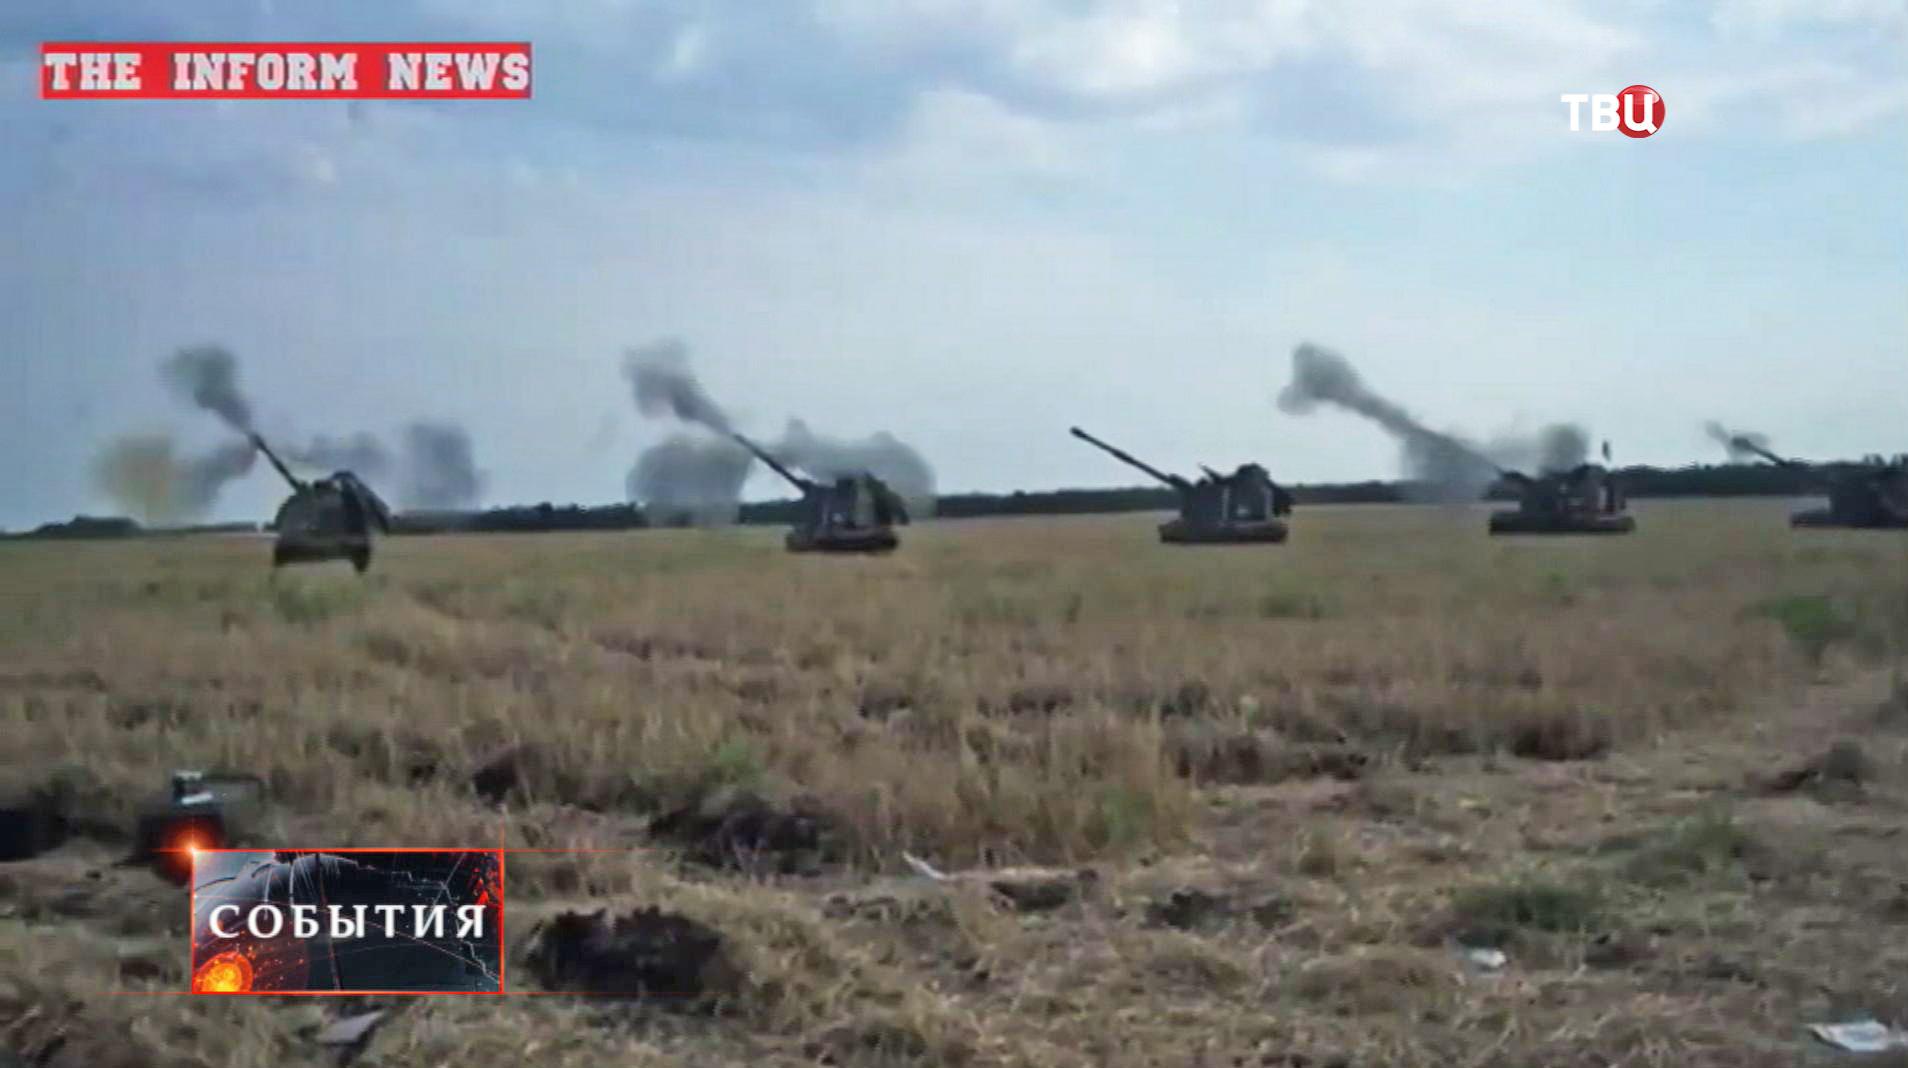 Артиллерия украинской армии ведет огонь по позициям ополчения